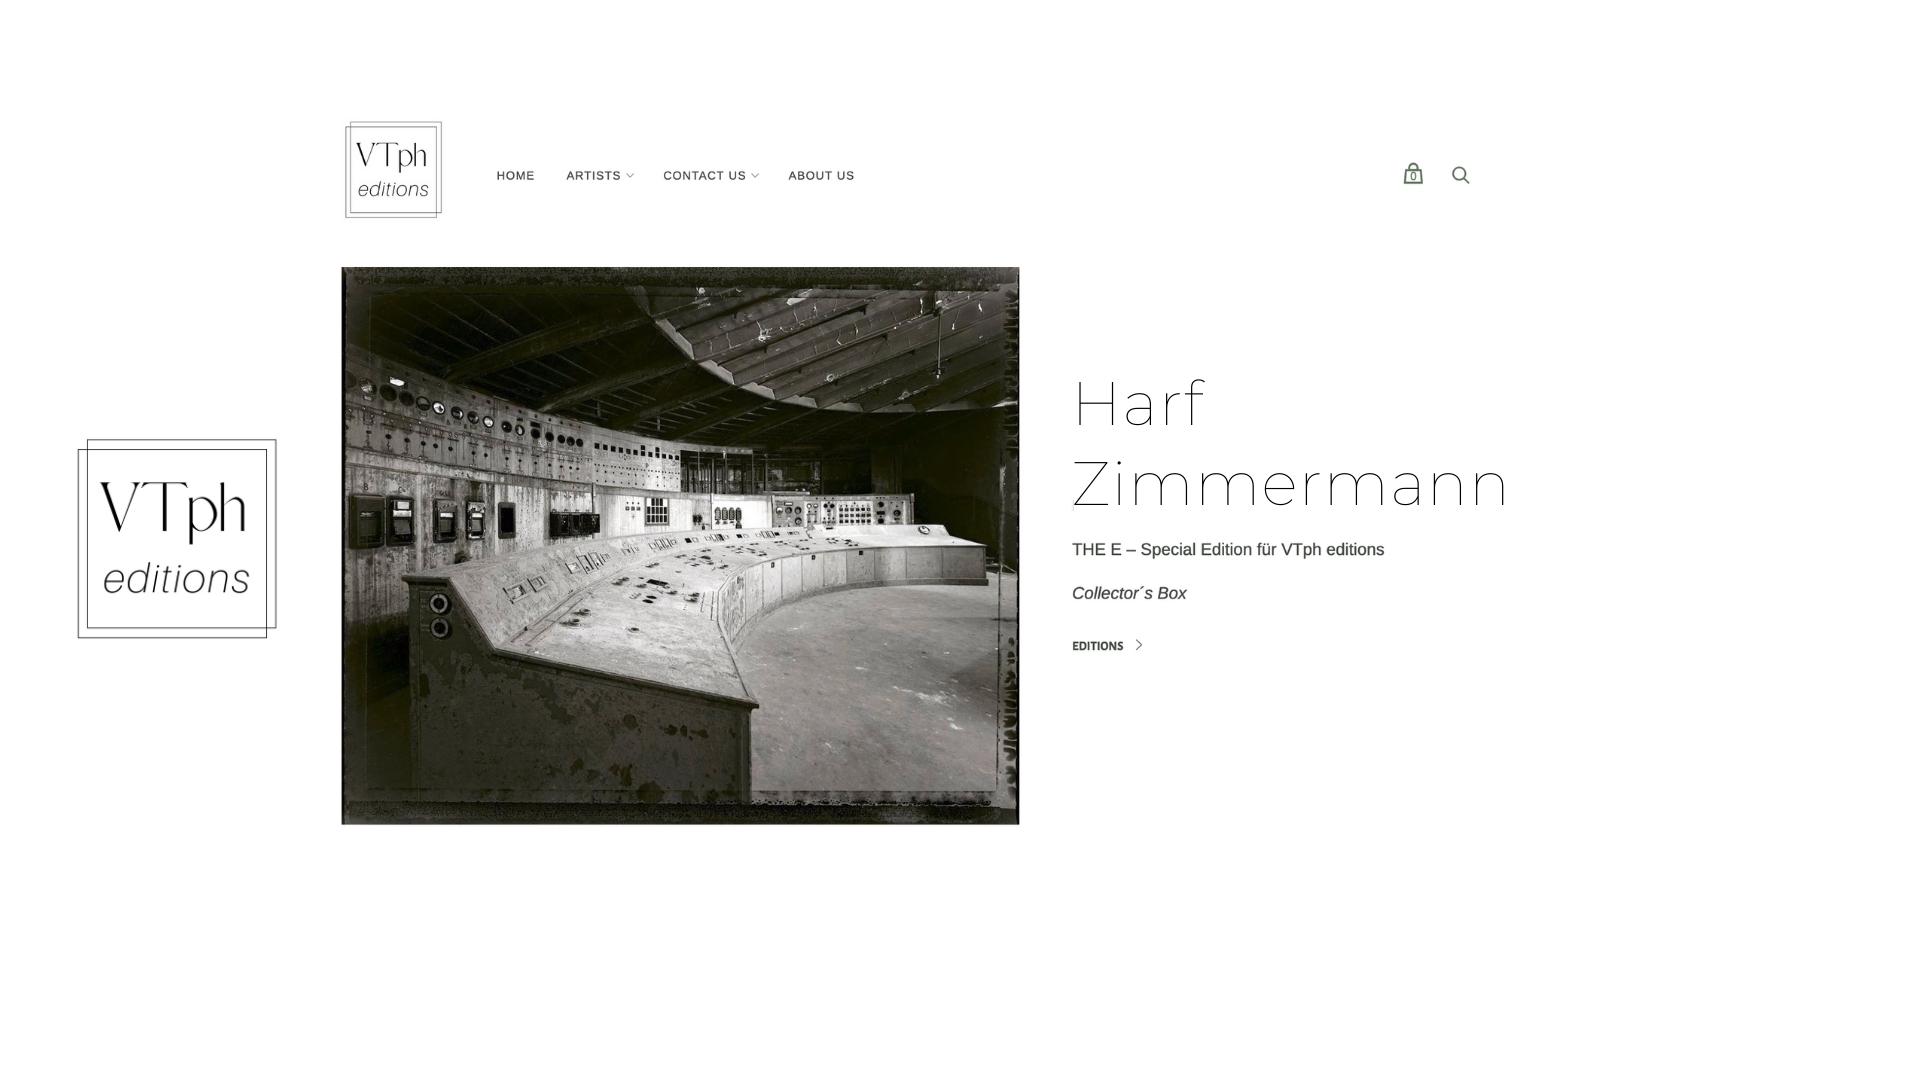 VTph Harf Zimmermann for VTph magazine_IV